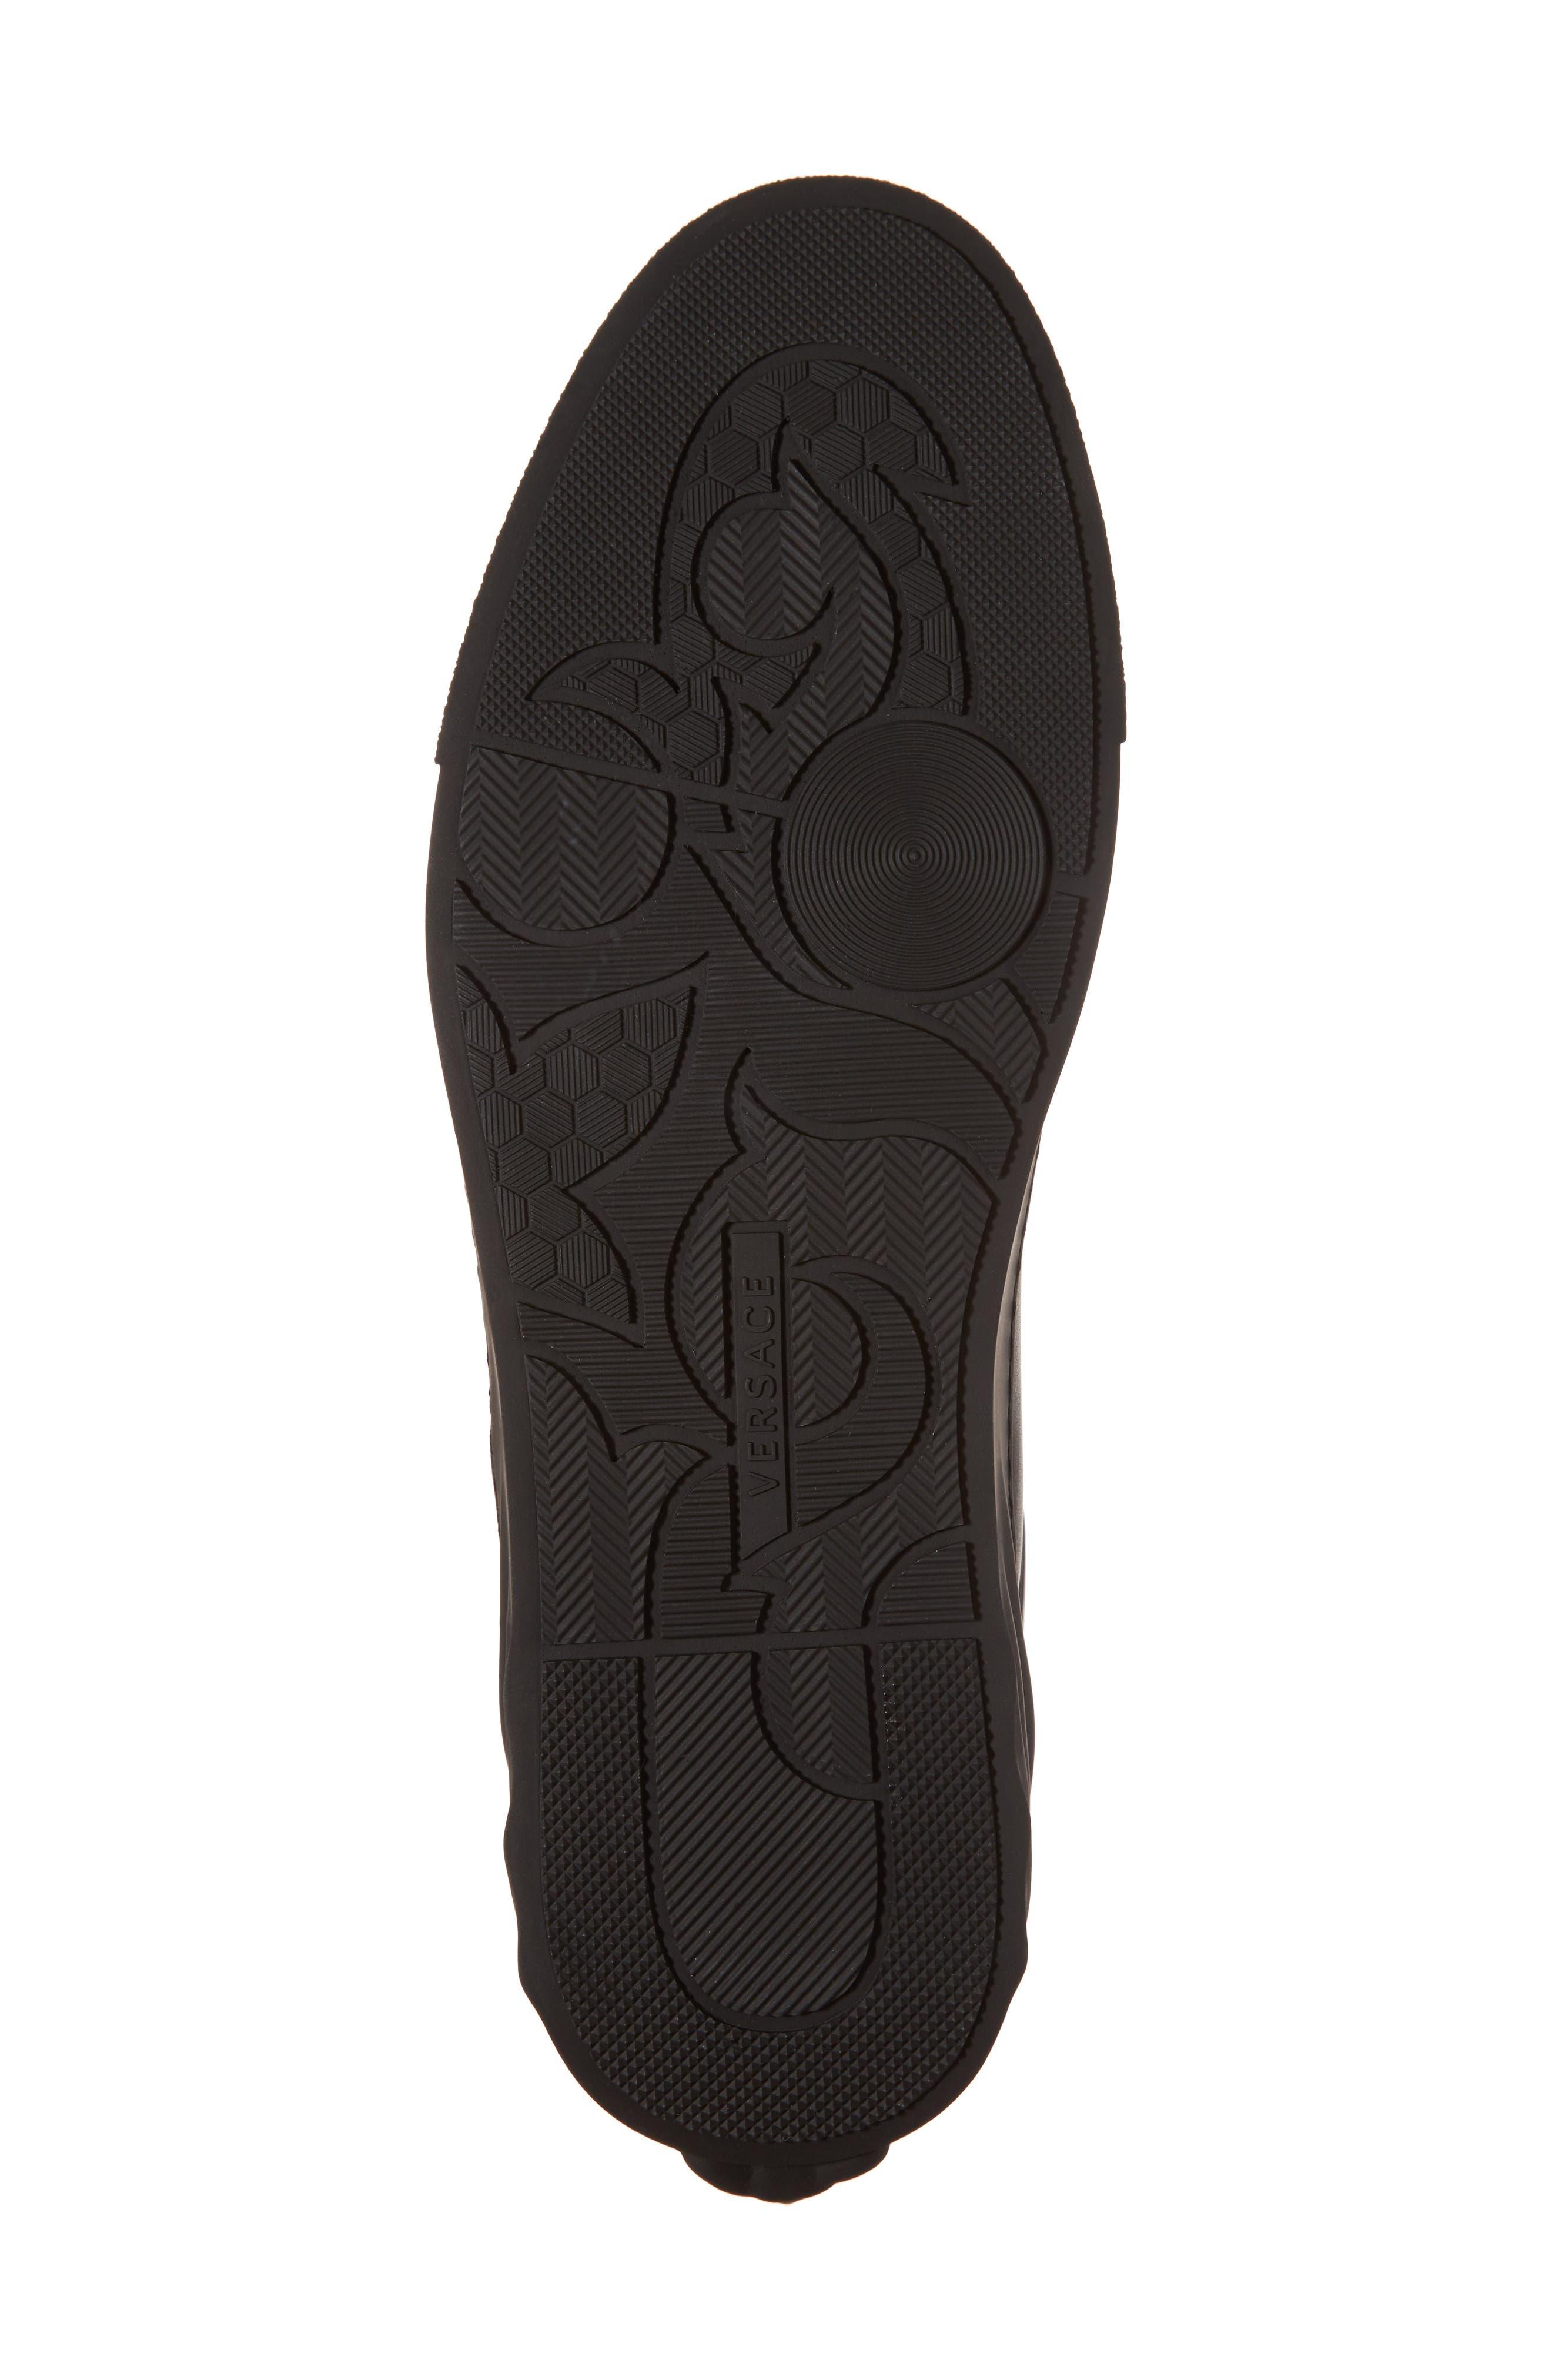 3D Medusa Sneaker,                             Alternate thumbnail 6, color,                             Black